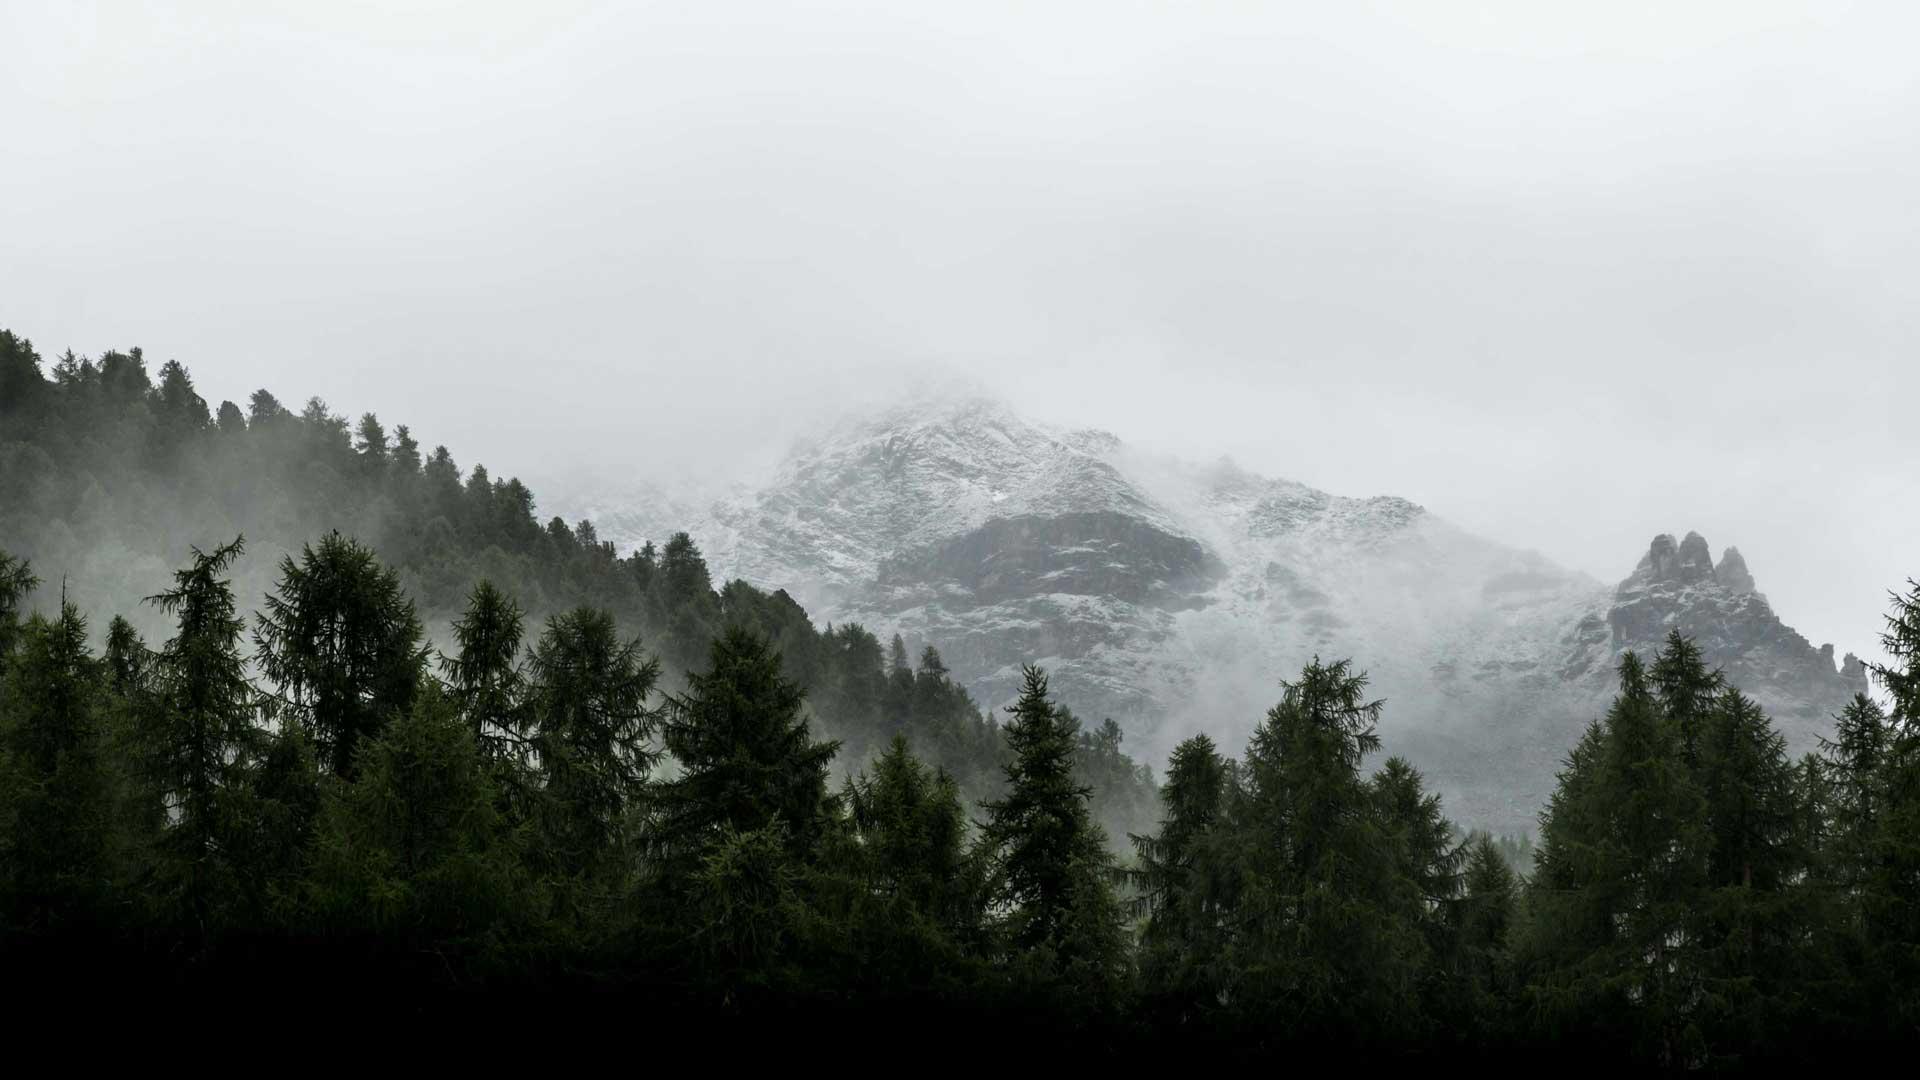 skog og fjell symboliserer utfordring og selvutvikling